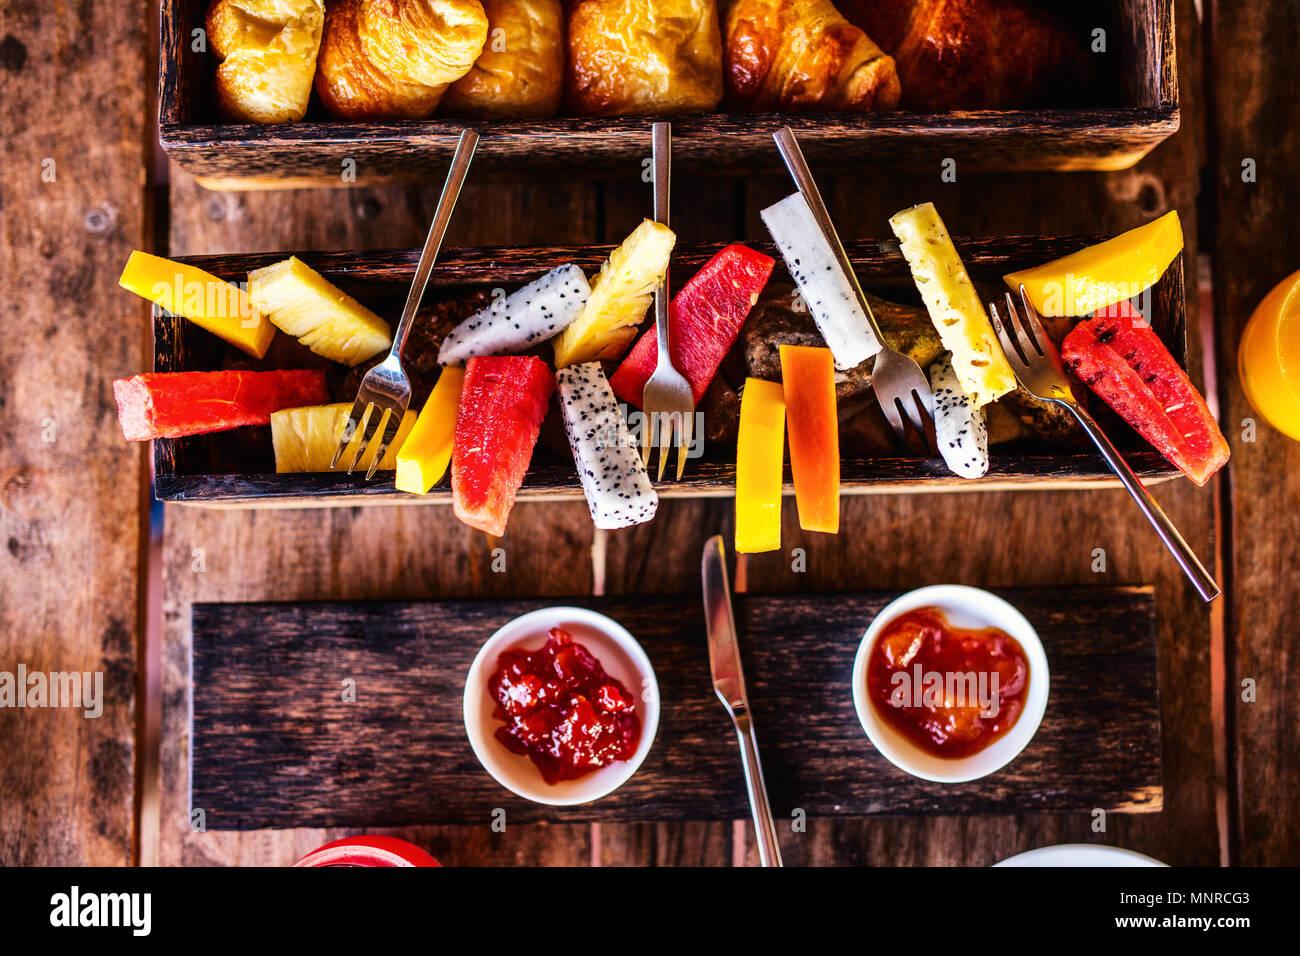 Vista superior de deliciosos alimentos orgánicos para el desayuno servido en la mesa de madera rústica. Frutas, zumos, cruasanes, mermelada y laicos plana. Imagen De Stock